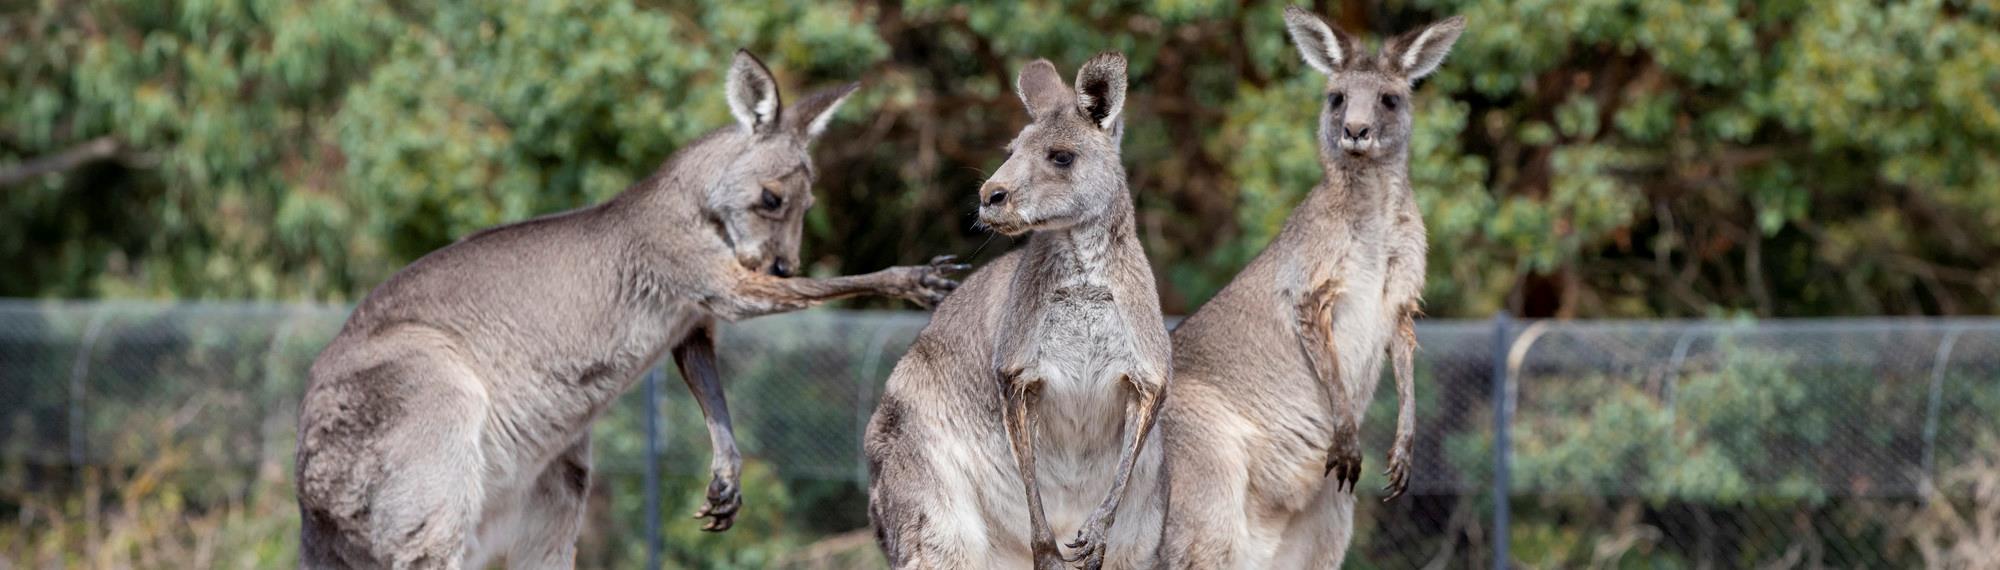 on sale 29040 c02c8 Kangaroo Tales Experience